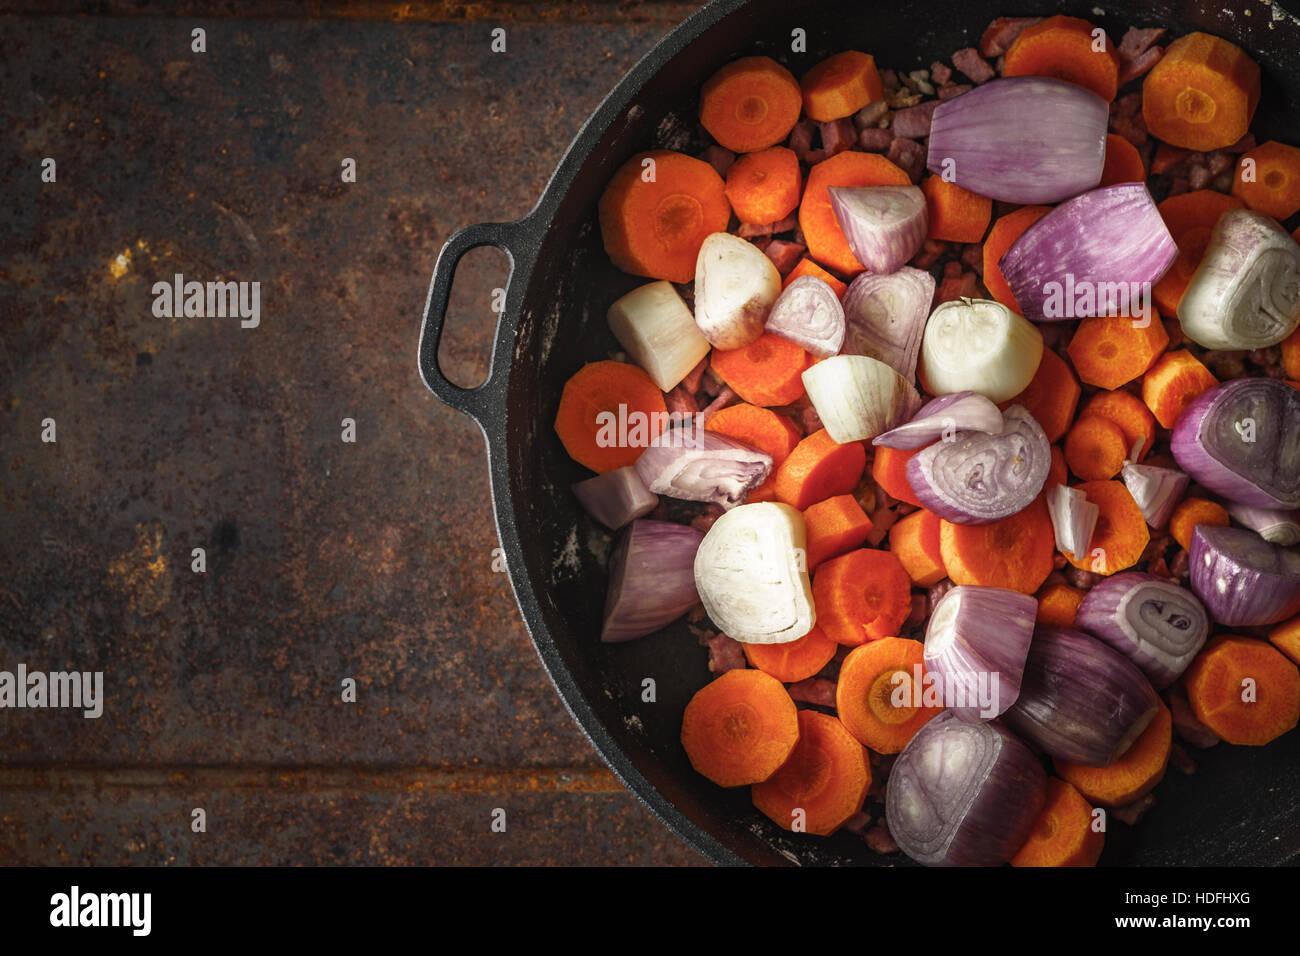 La chalota y zanahorias en la olla sobre el fondo de metal Imagen De Stock